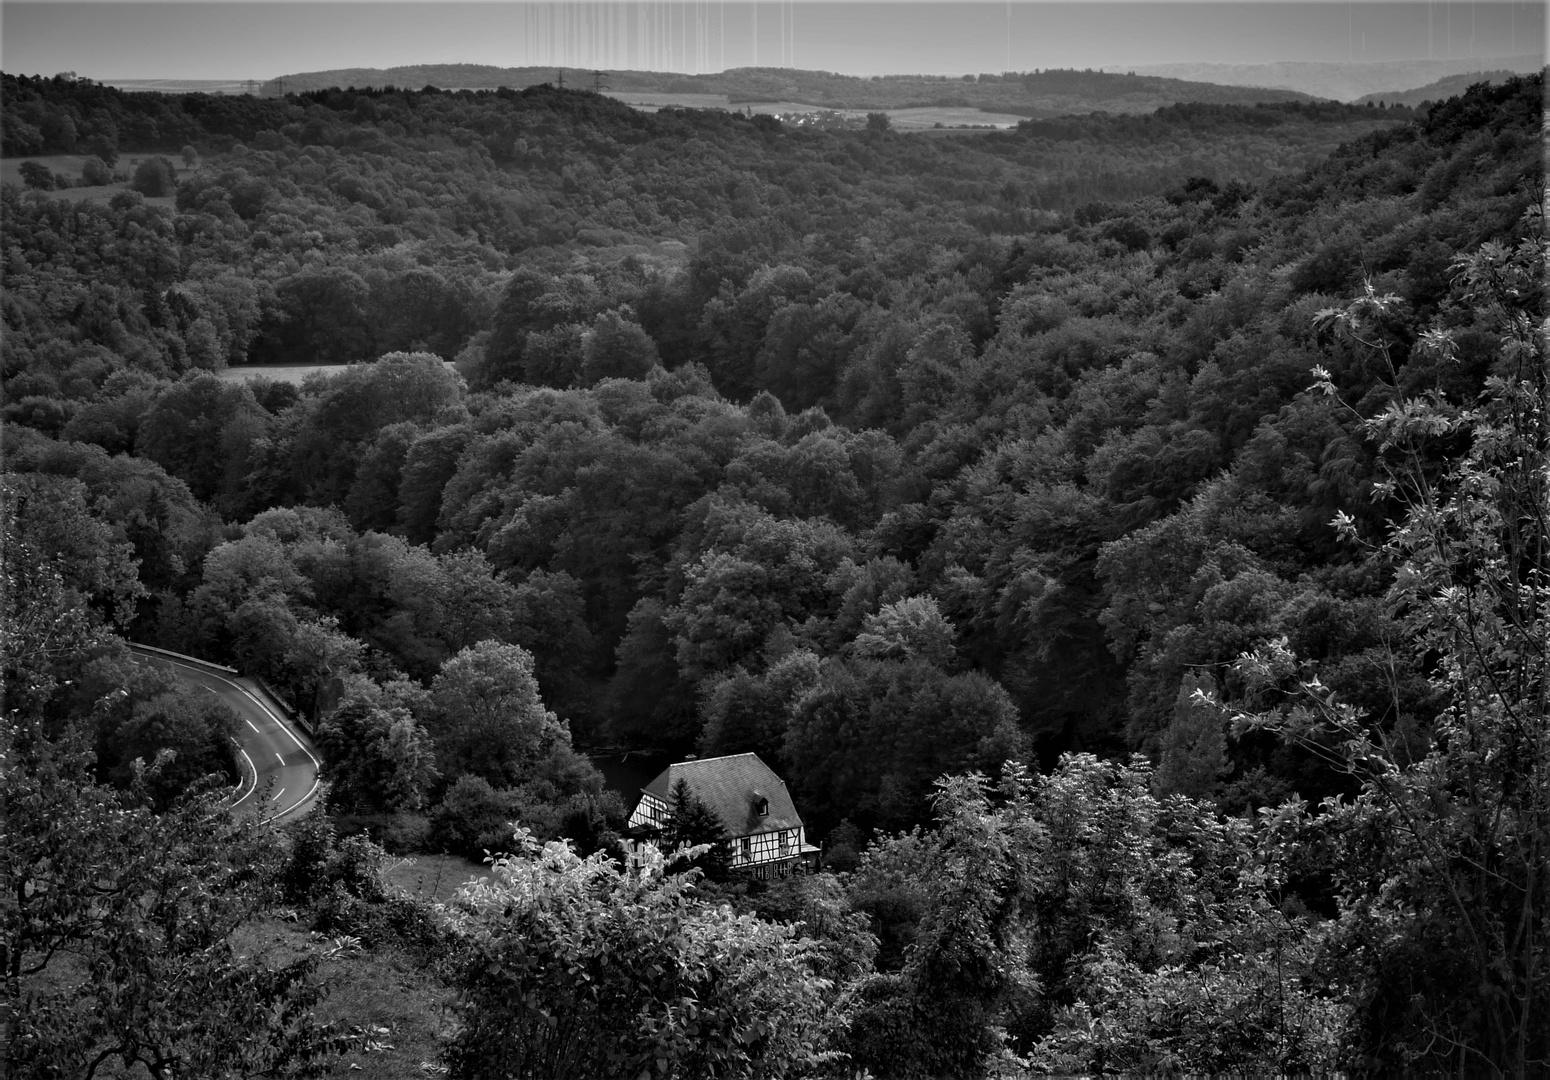 Wie dazumal - Einsam im Tal gelegenes Fachwerkhaus